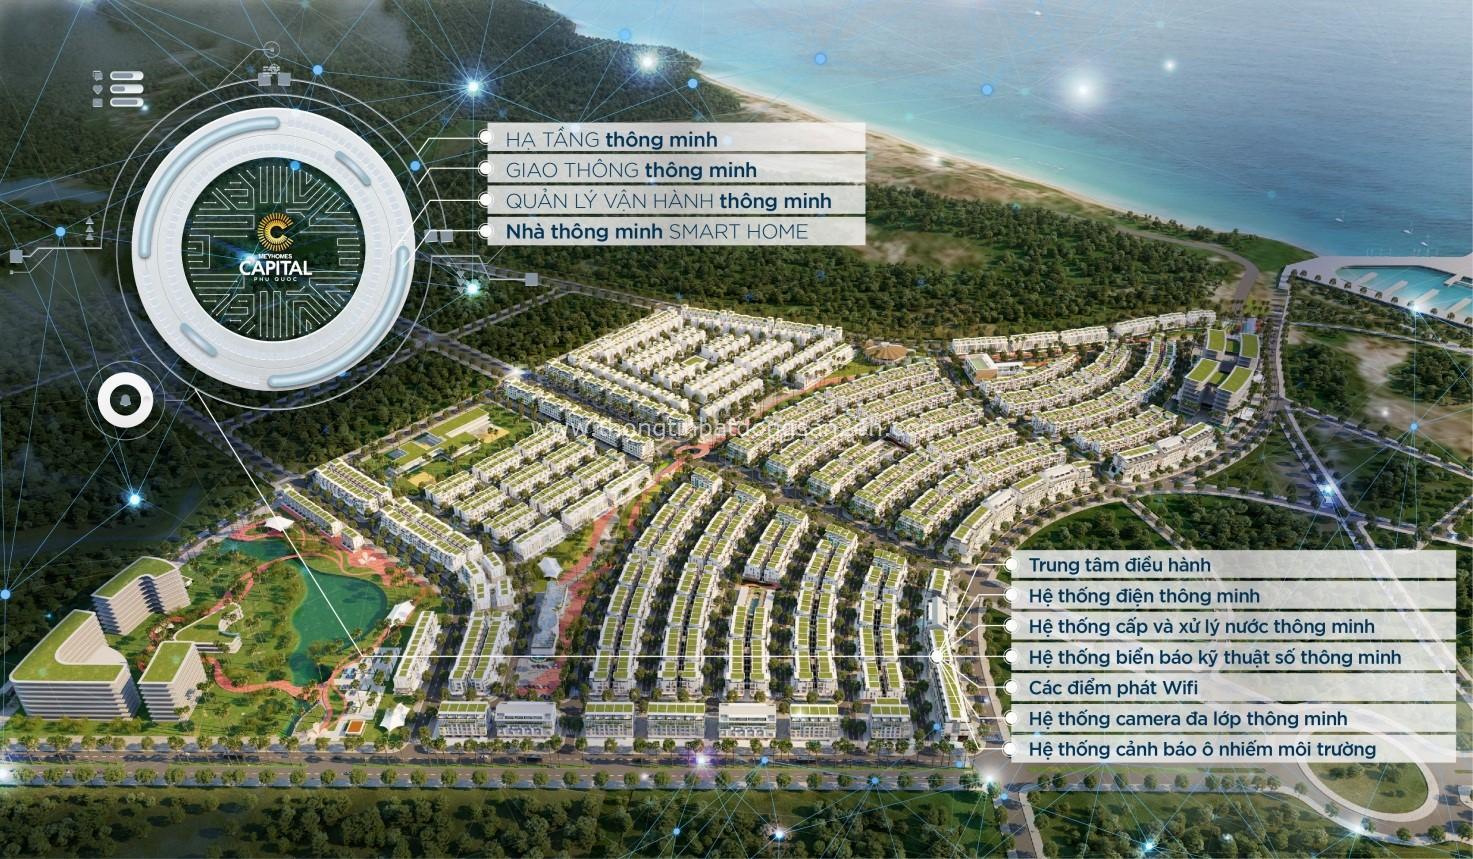 Hé lộ ban đầu về tính năng thông minh tại Meyhomes Capital Phú Quốc 2